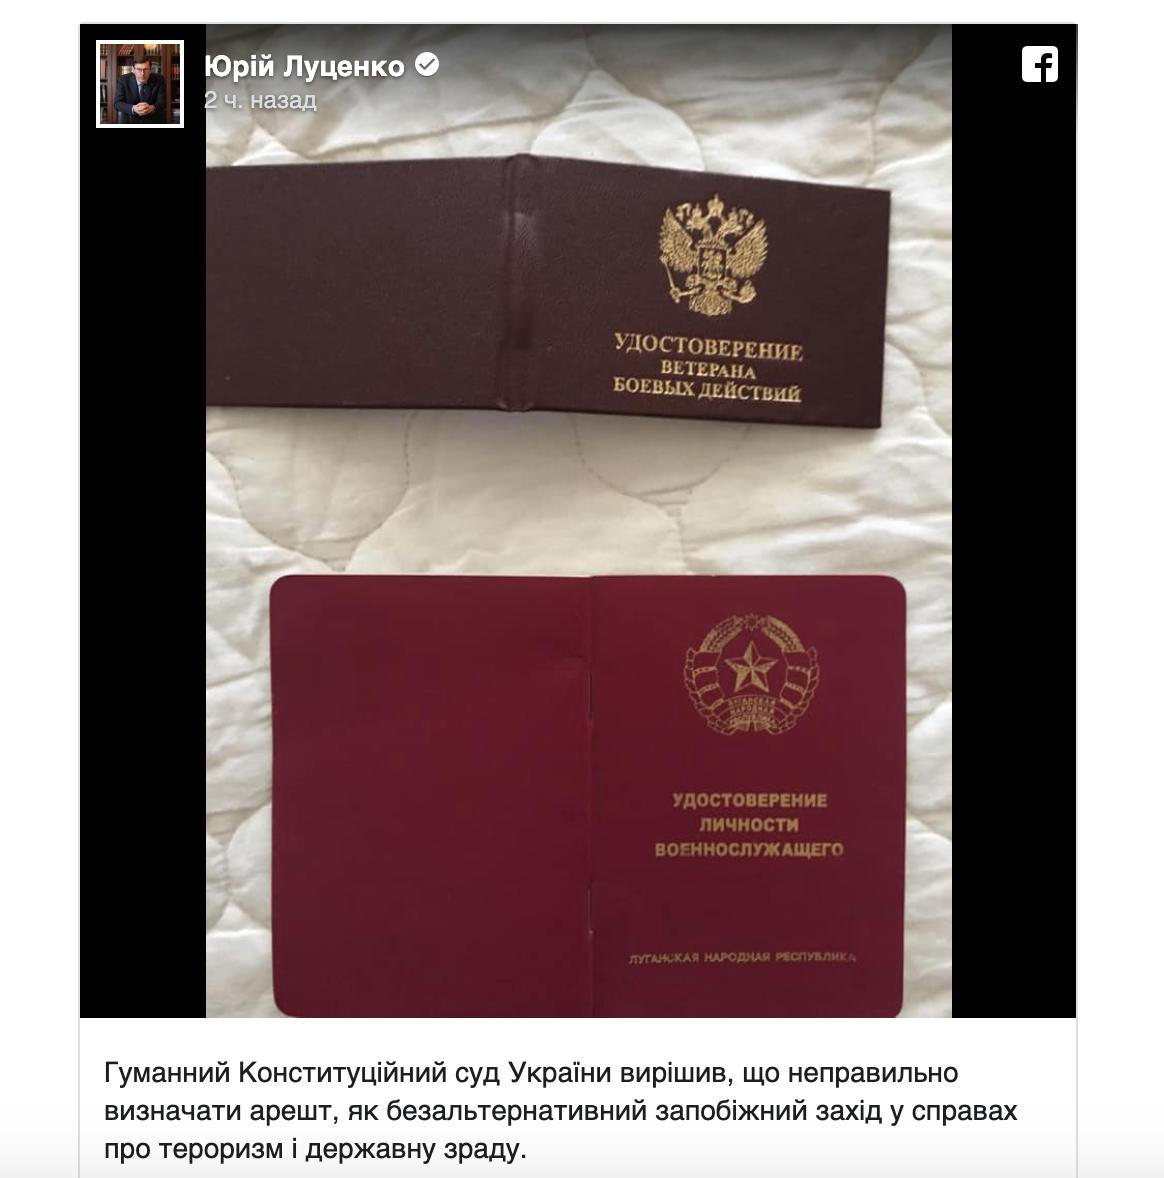 Спонсор террористов Дмитрий Держак